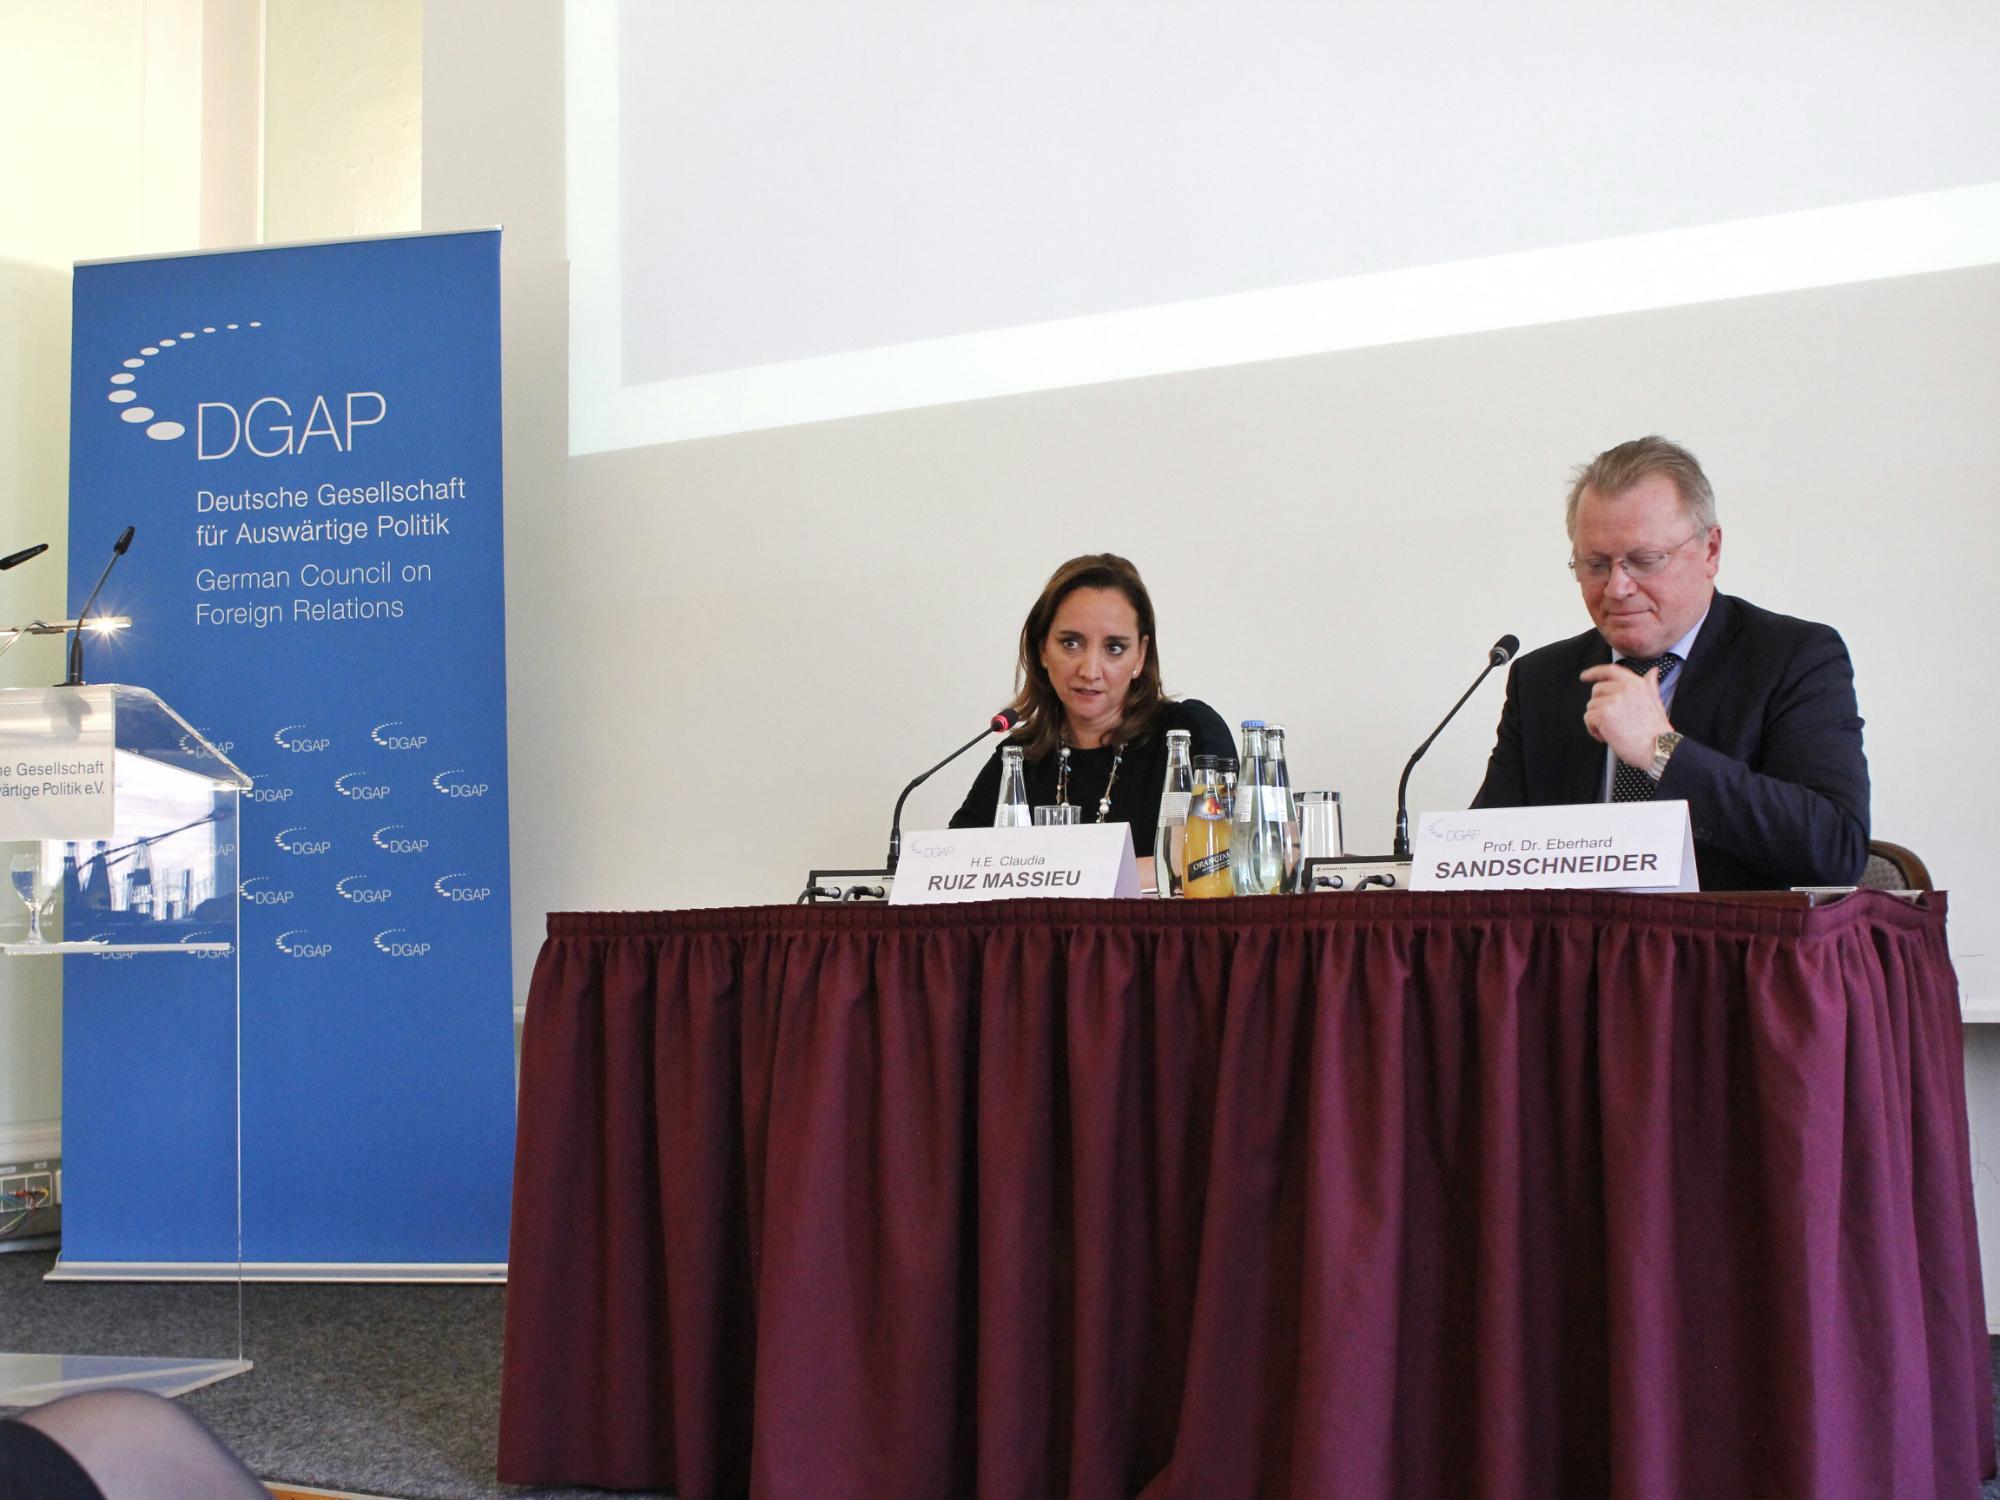 FOTO 2 Cacnciller Claudia Ruiz Massieu ofreci  una conferencia magistral en el Consejo Germano de Relaciones Exteriores.jpg